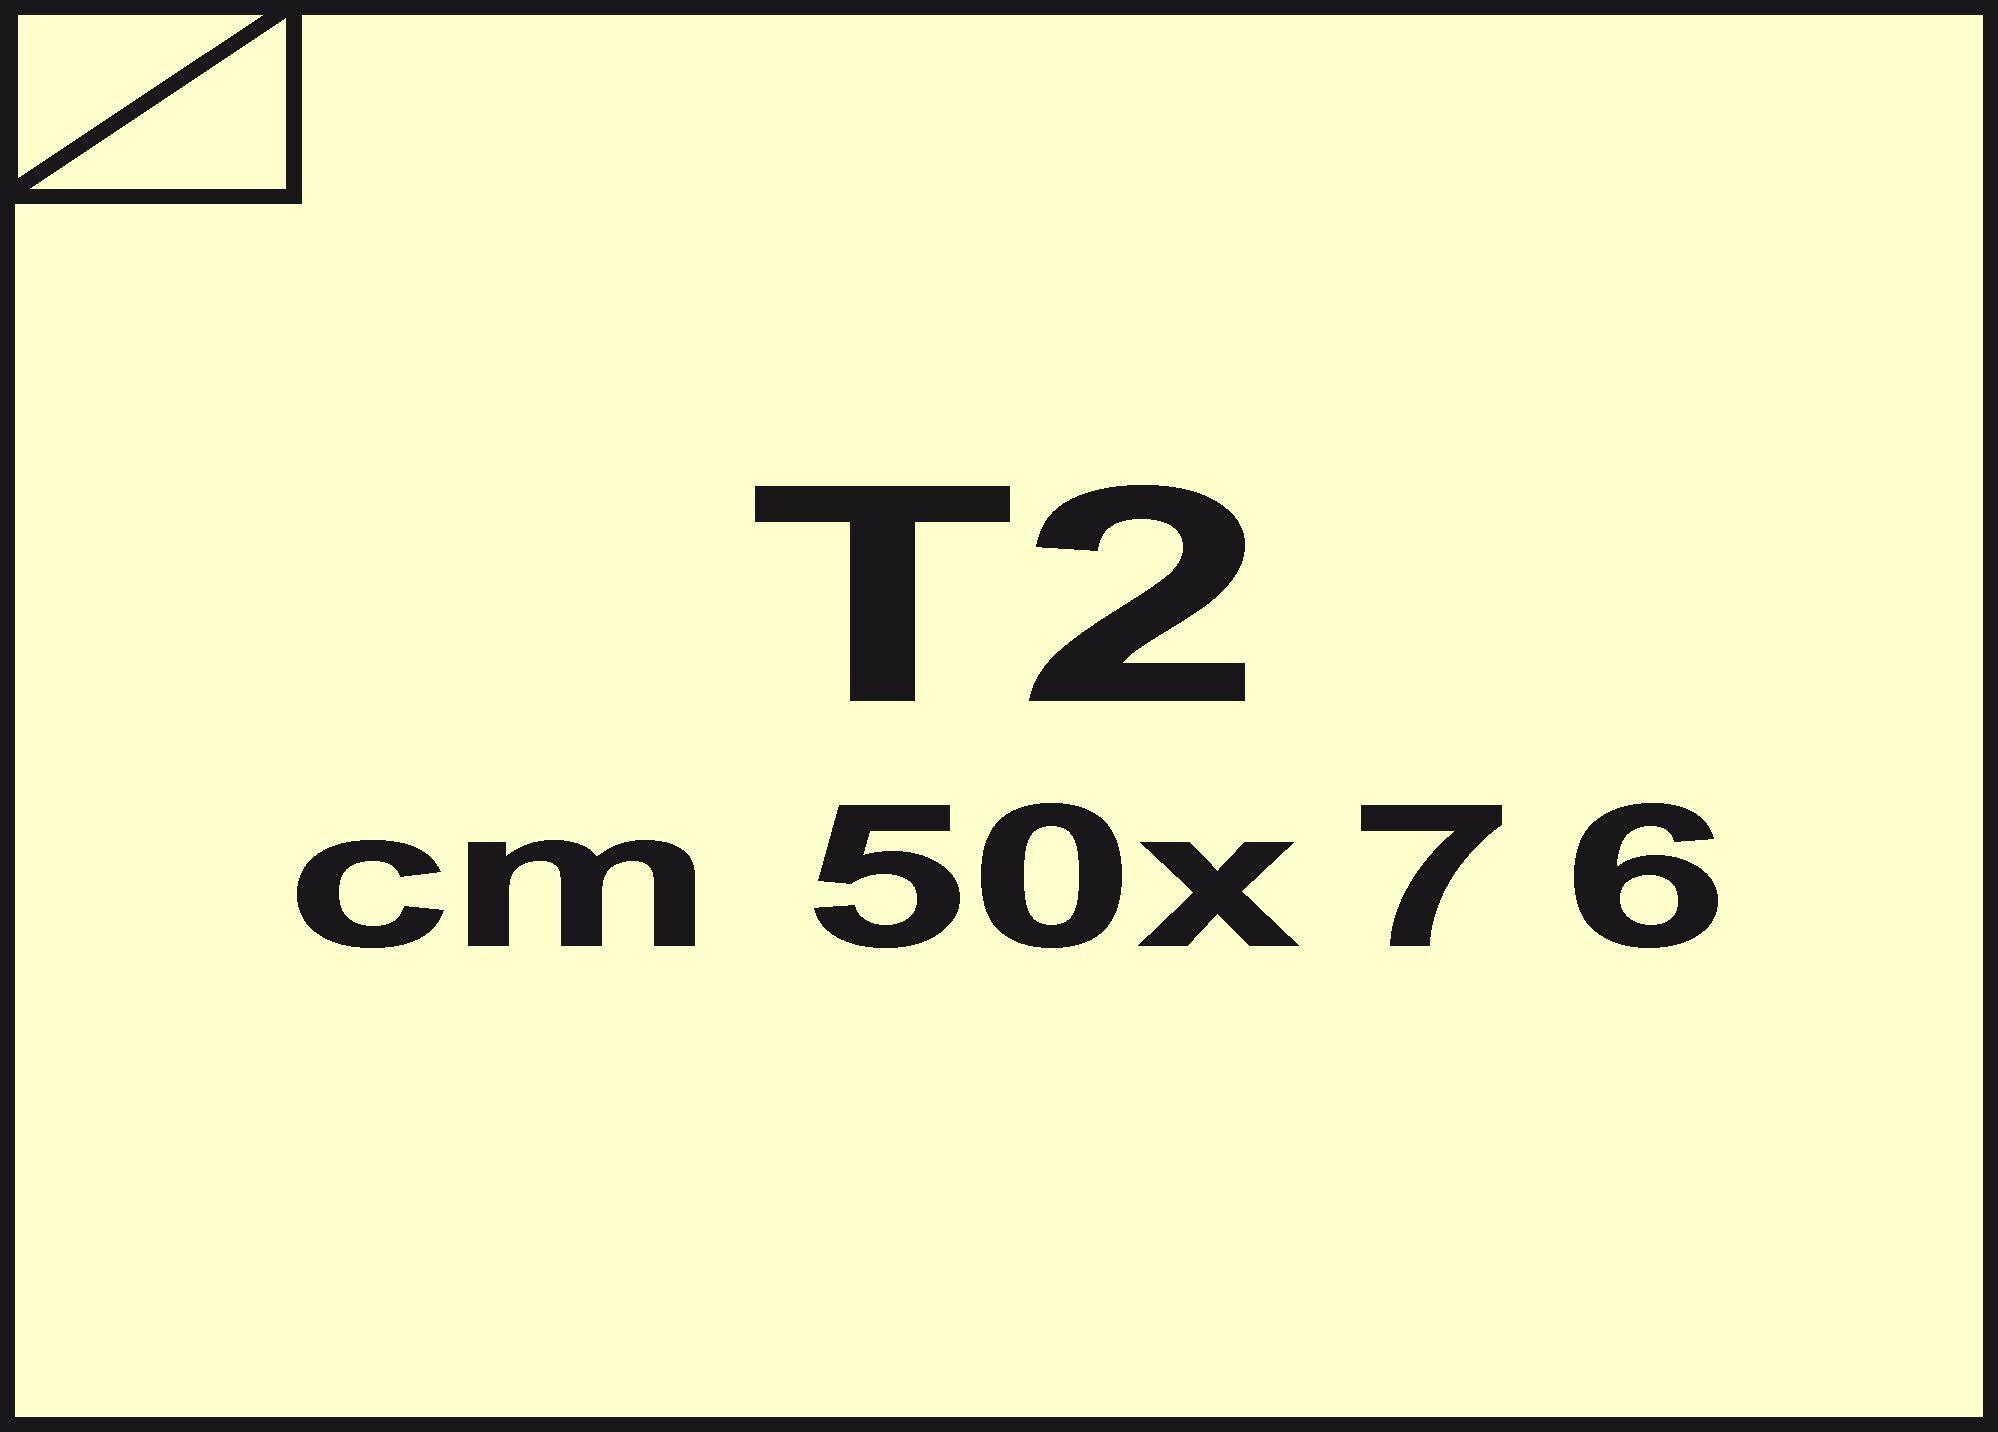 carta Carta velina Giallo chiaro 72, formato T2 (50x76cm), 18grammi x mq.